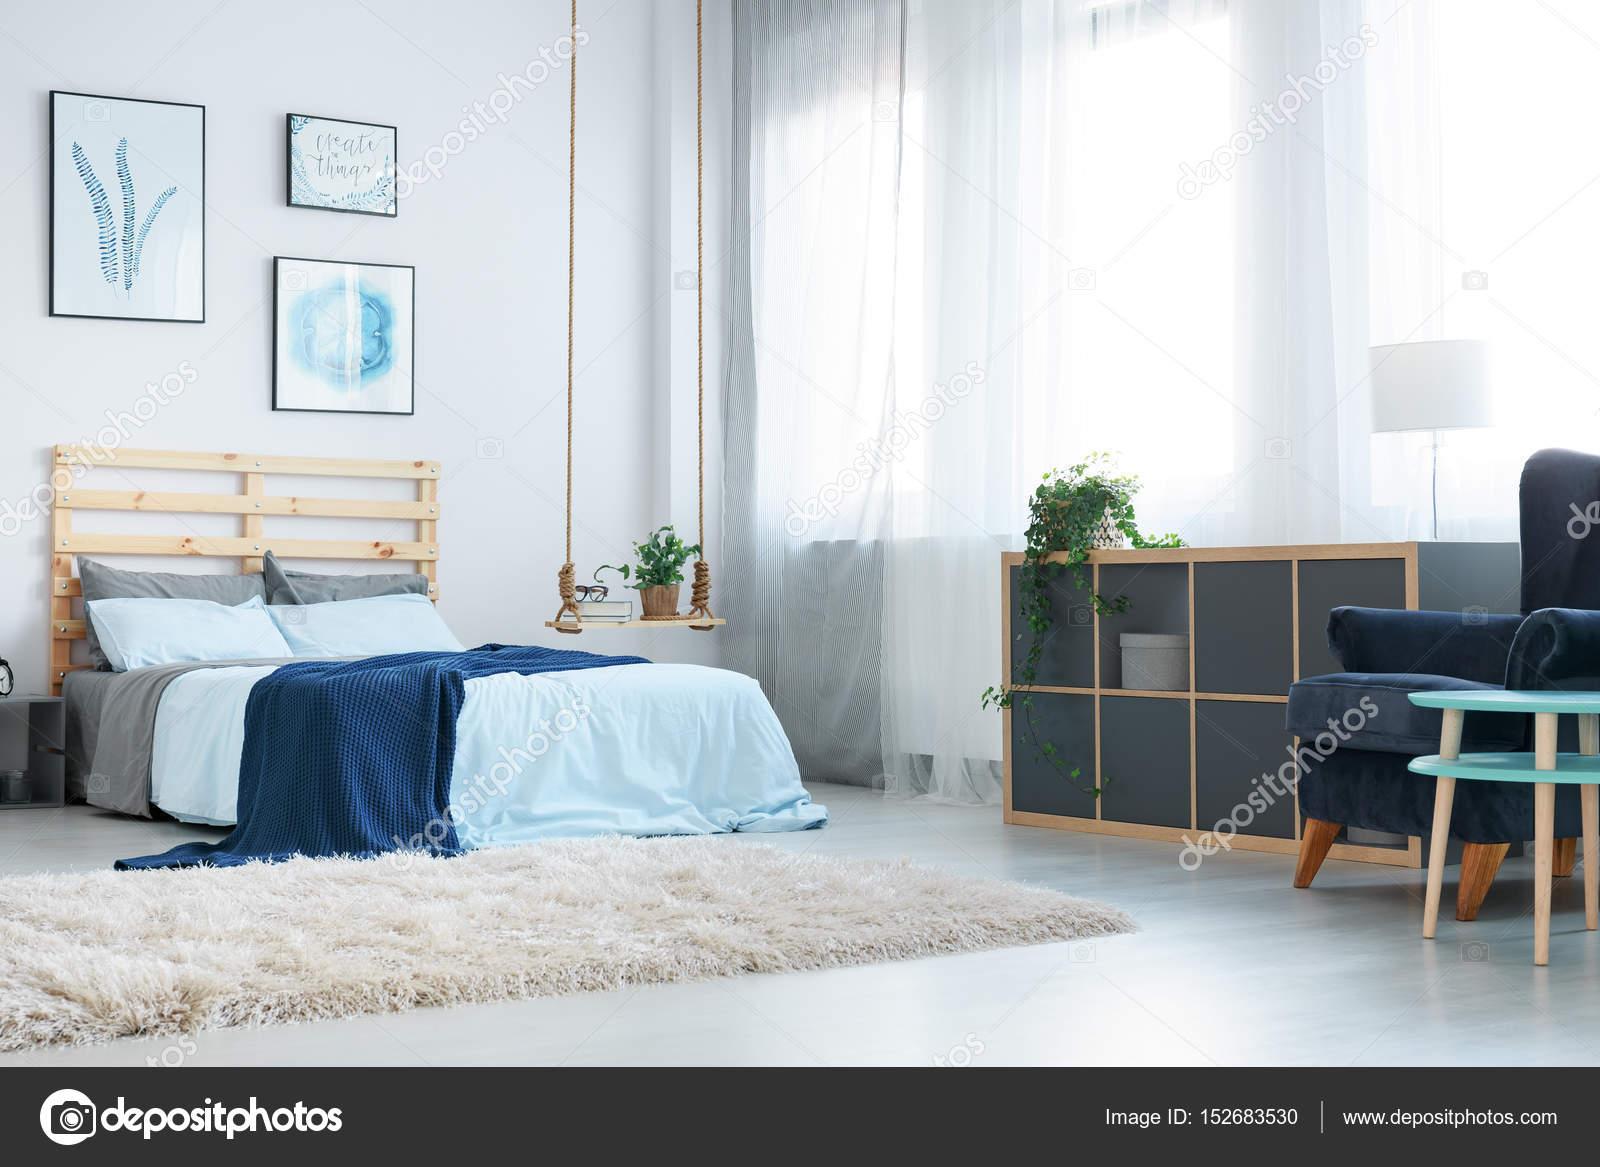 Schlafzimmer Mit Dekorativen Wand Poster Stockfoto C Photographee